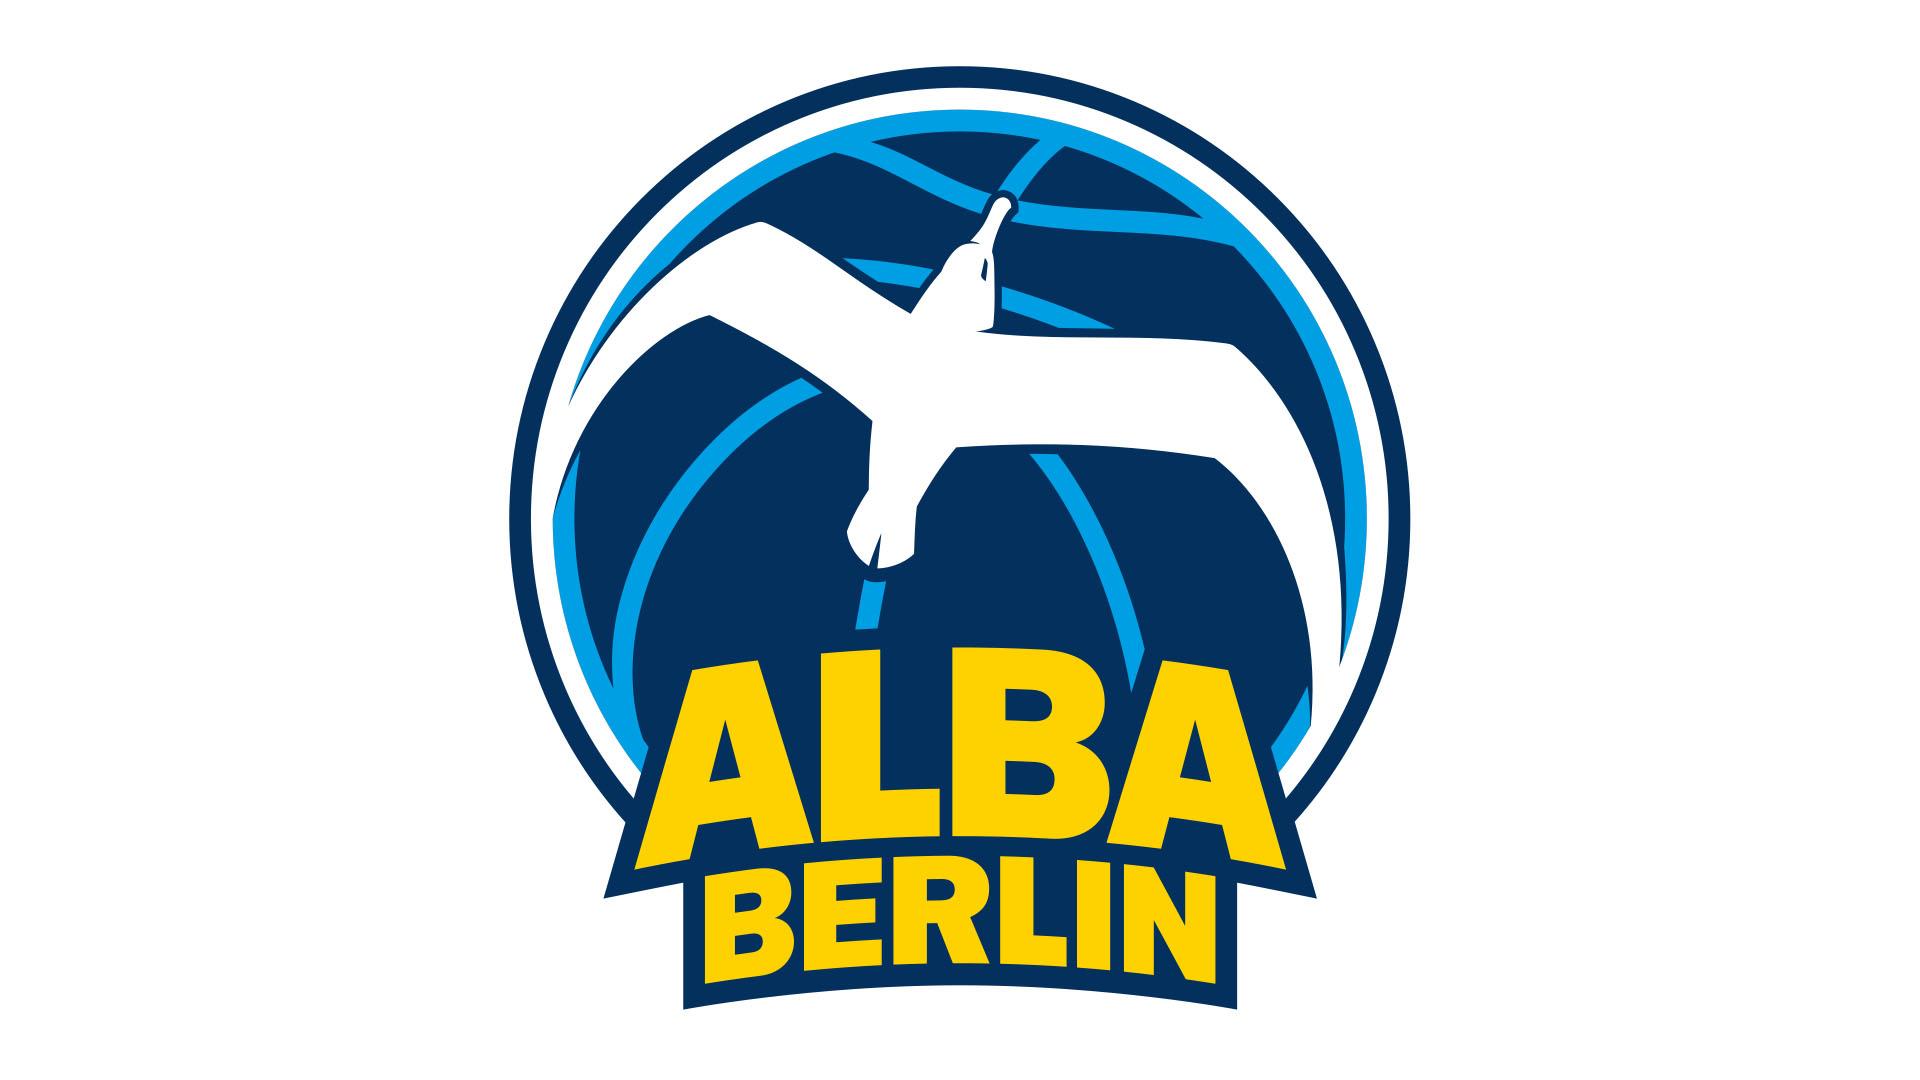 ALBA-Berlin